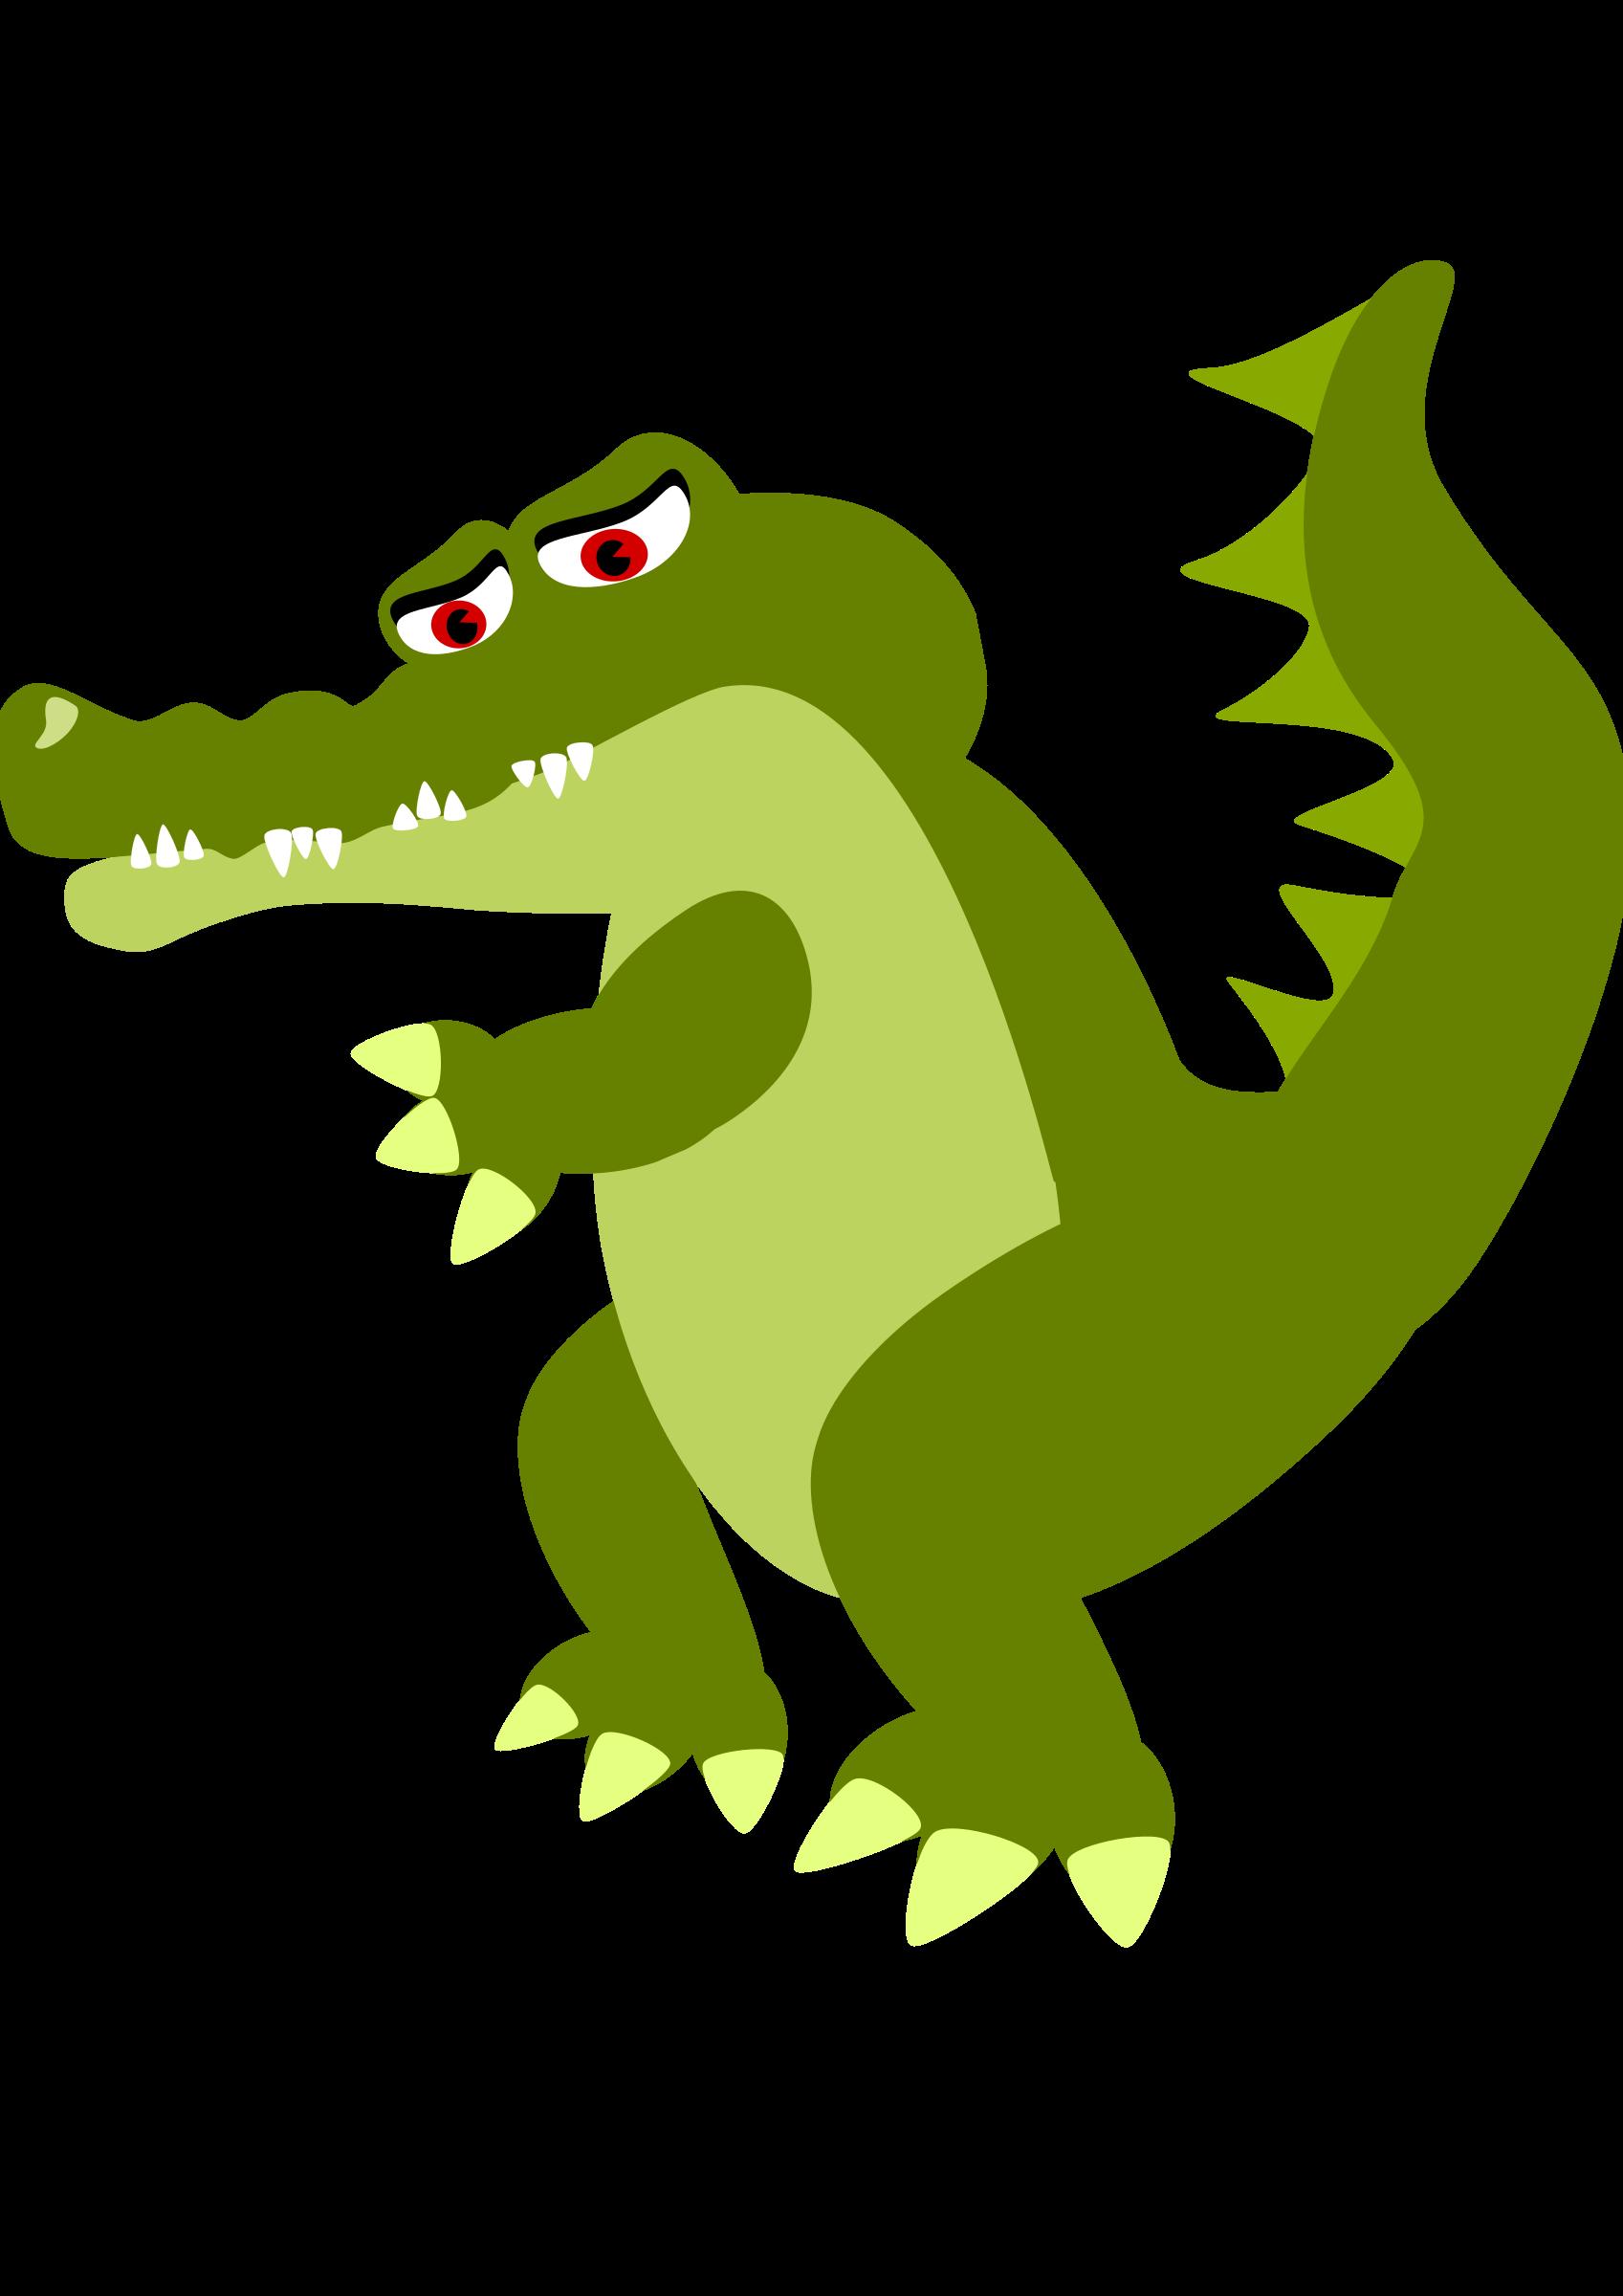 sad clipart alligator